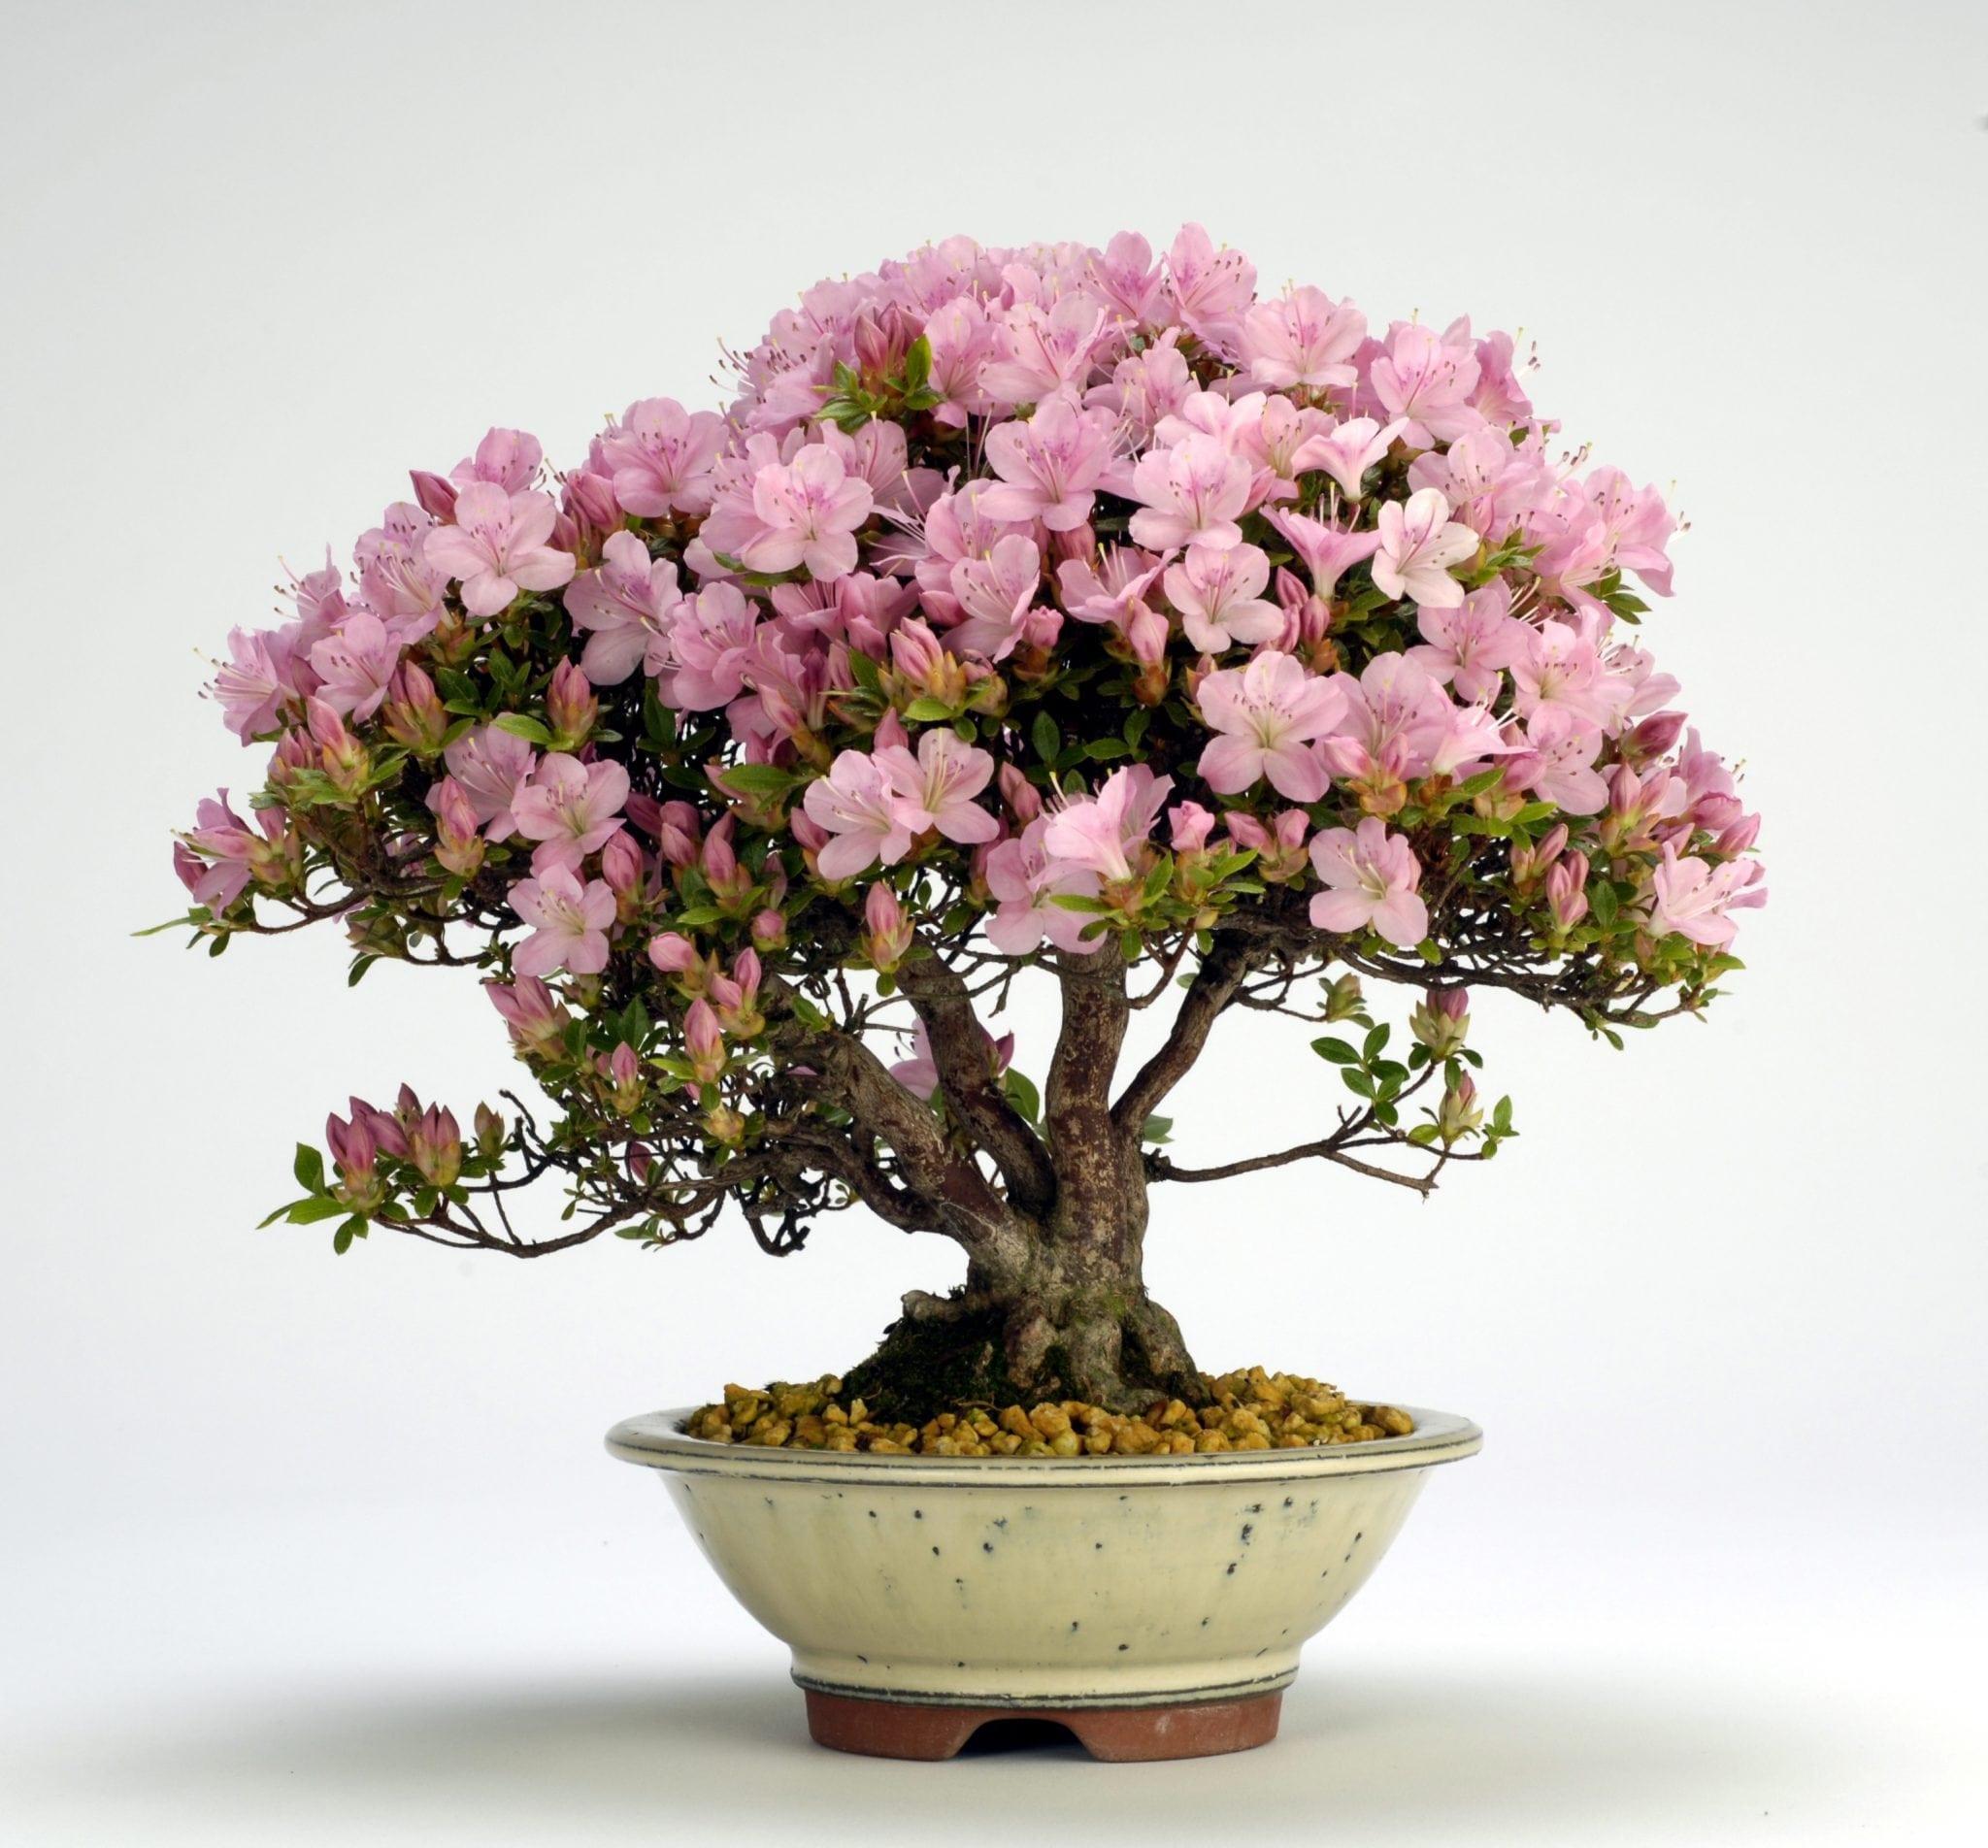 цветок бонсай фото предлагается просторное размещения